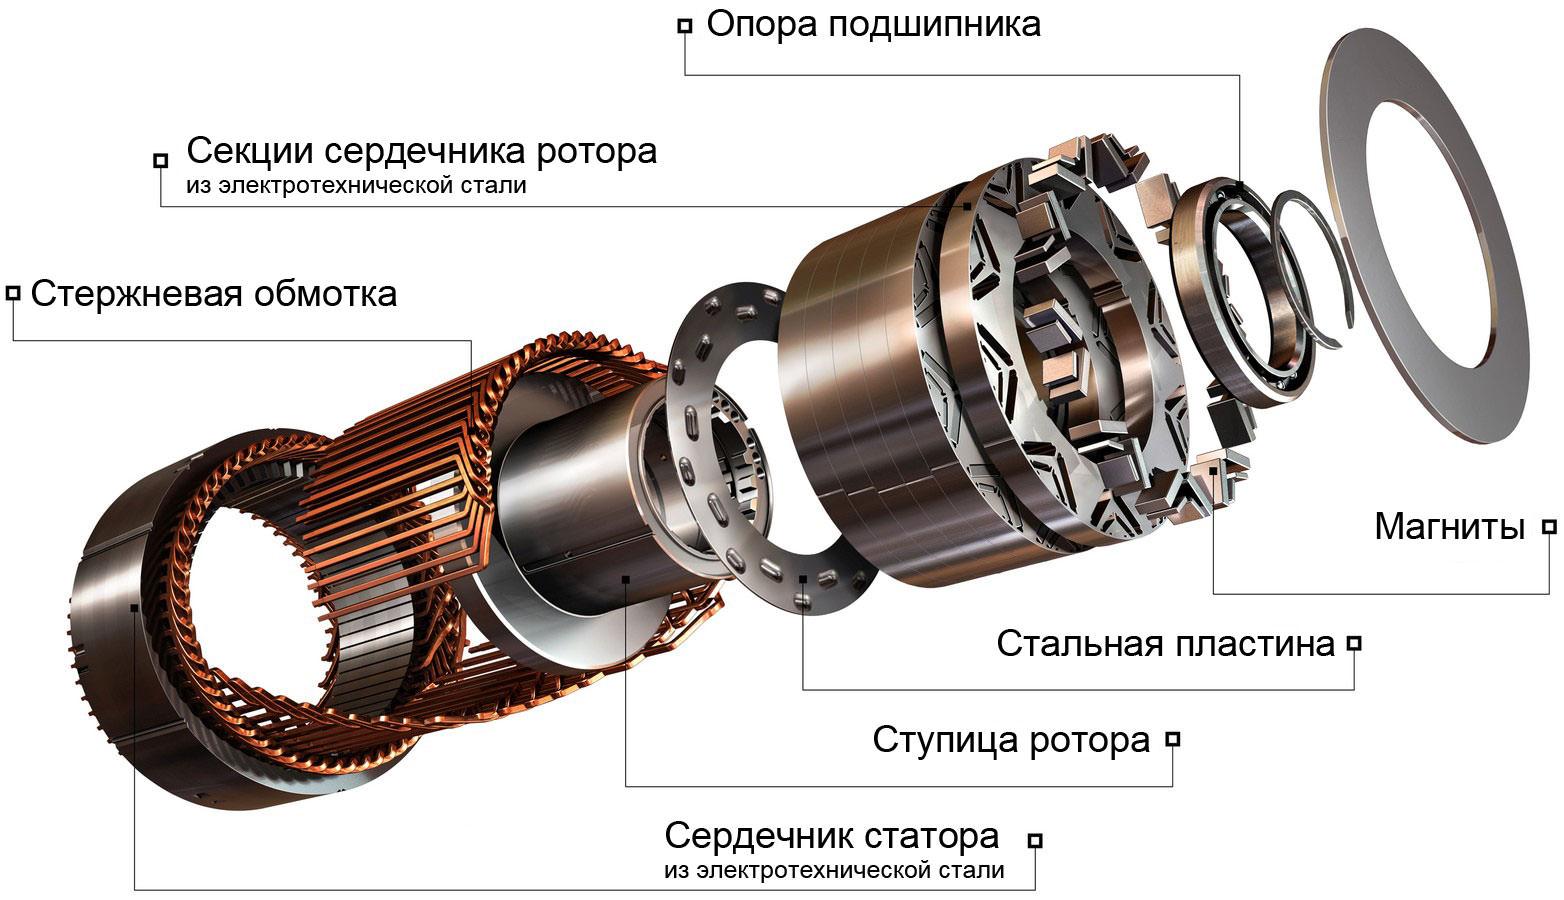 Двигатель на постоянных магнитах своими руками